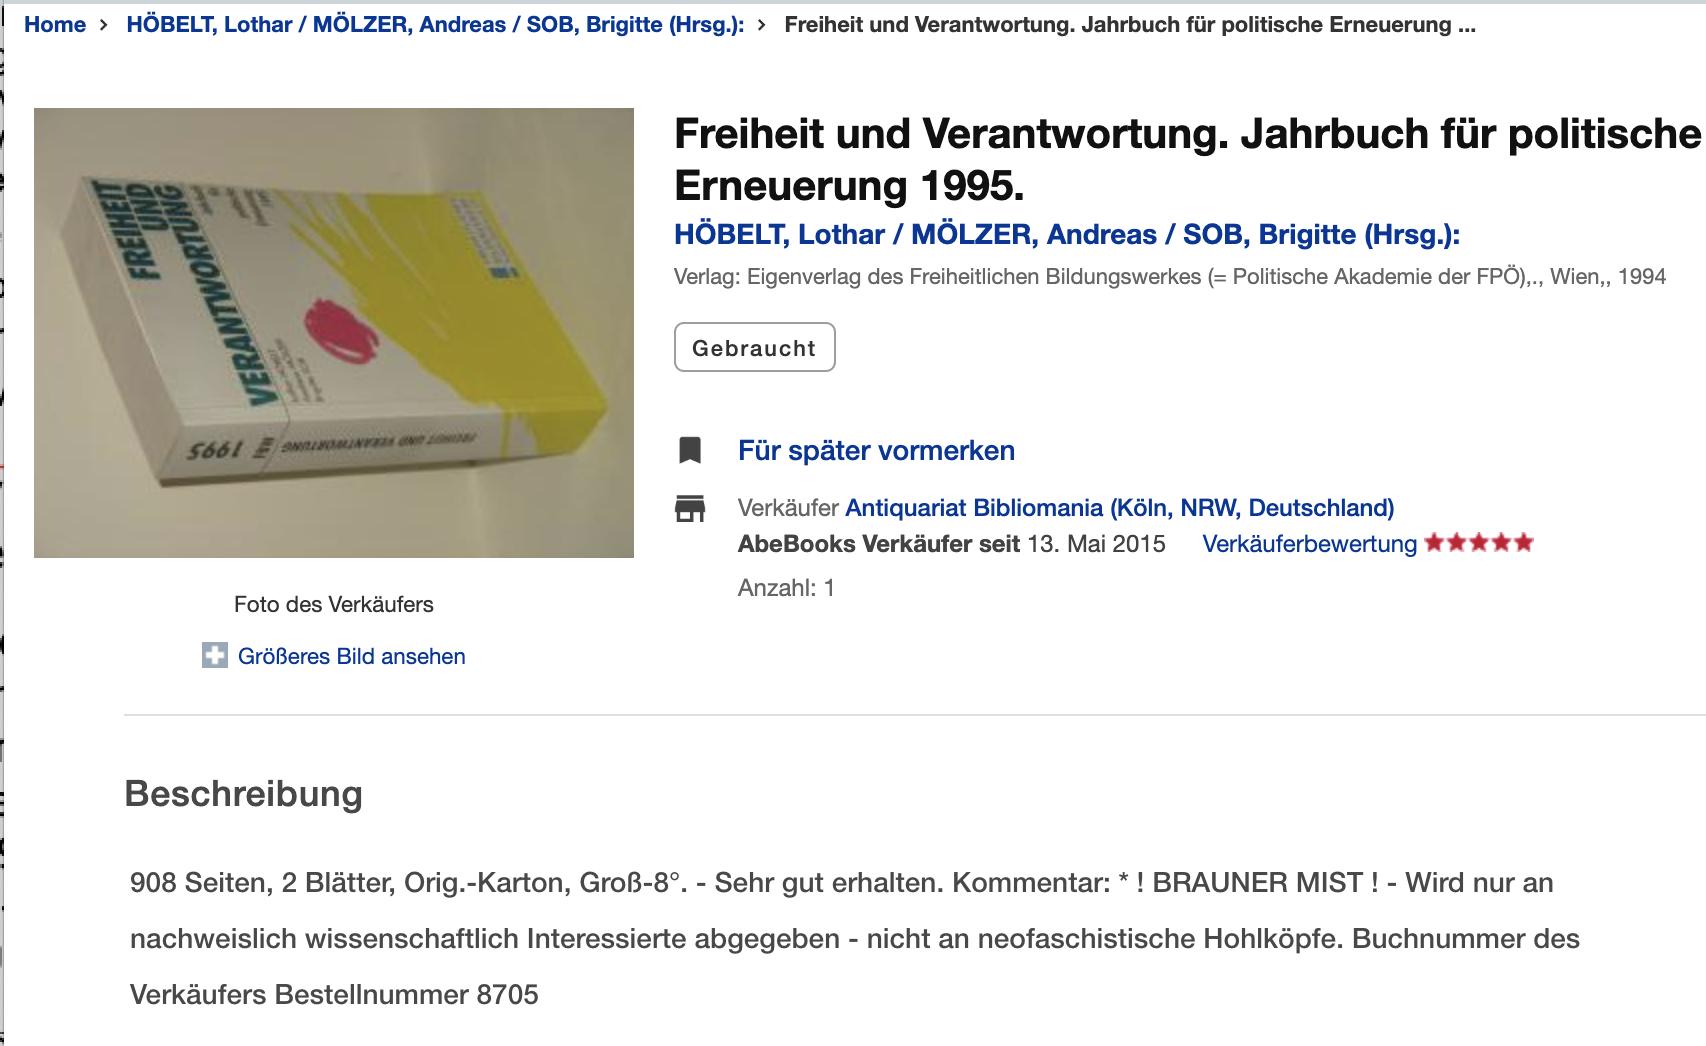 """Jahrbuch 1995 antiquarisch zu erweben, Kommentar des Verkäufers: """"! BRAUNER MIST ! - Wird nur an nachweislich wissenschaftlich Interessierte abgegeben - nicht an neofaschistische Hohlköpfe."""" (Screenshot zvab.com)"""